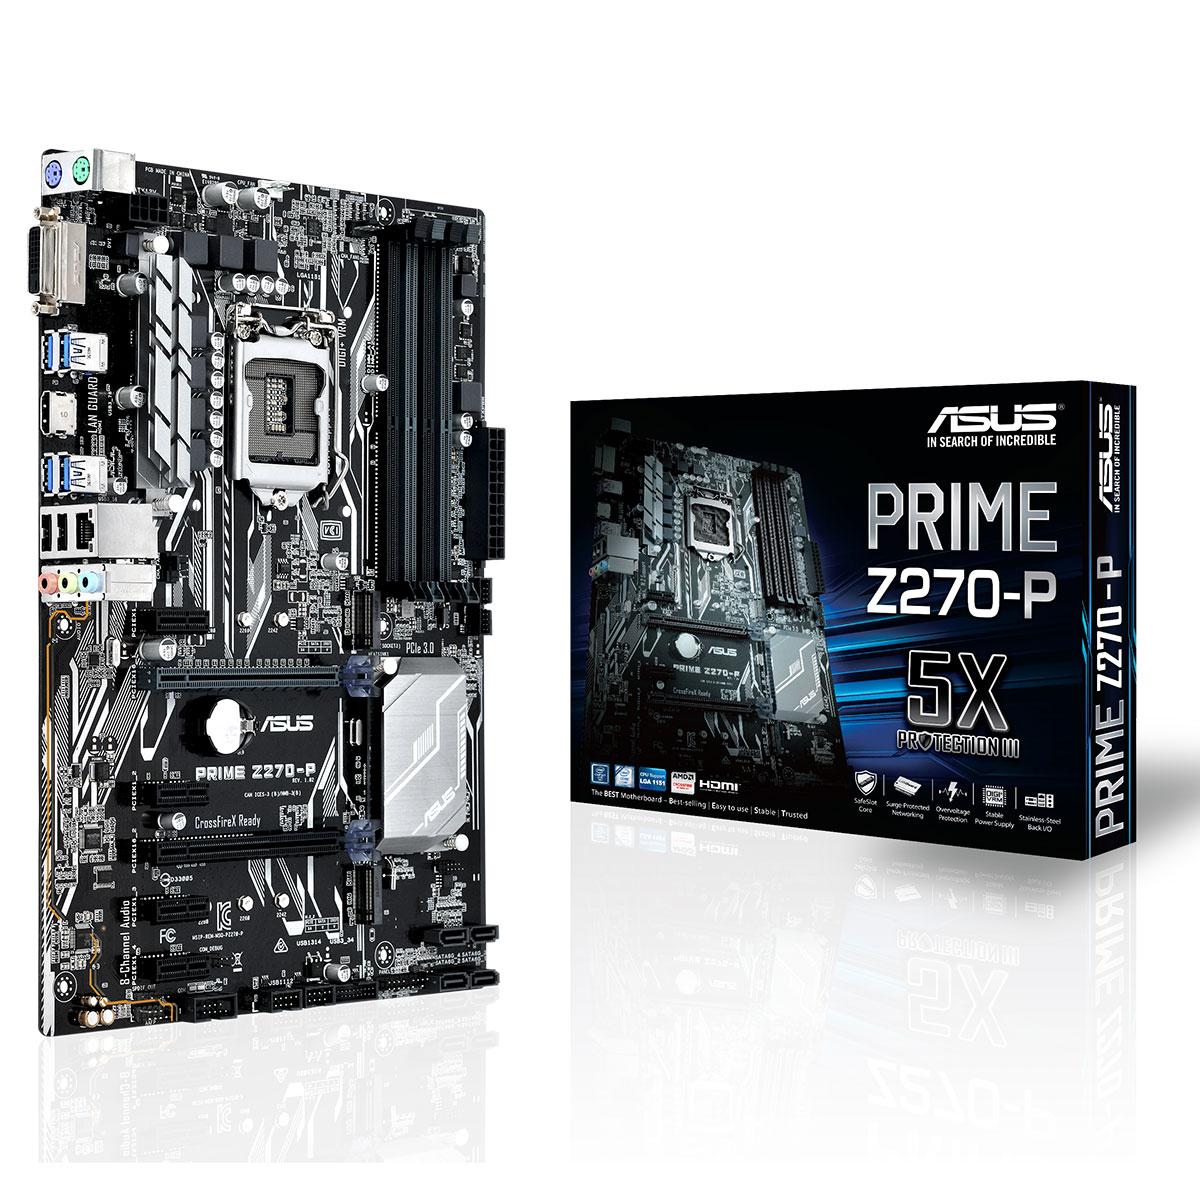 Carte mère ASUS PRIME Z270-P Carte mère ATX Socket 1151 Intel Z270 Express - 4x DDR4 - SATA 6Gb/s + M.2 - USB 3.0 - 2x PCI-Express 3.0 16x